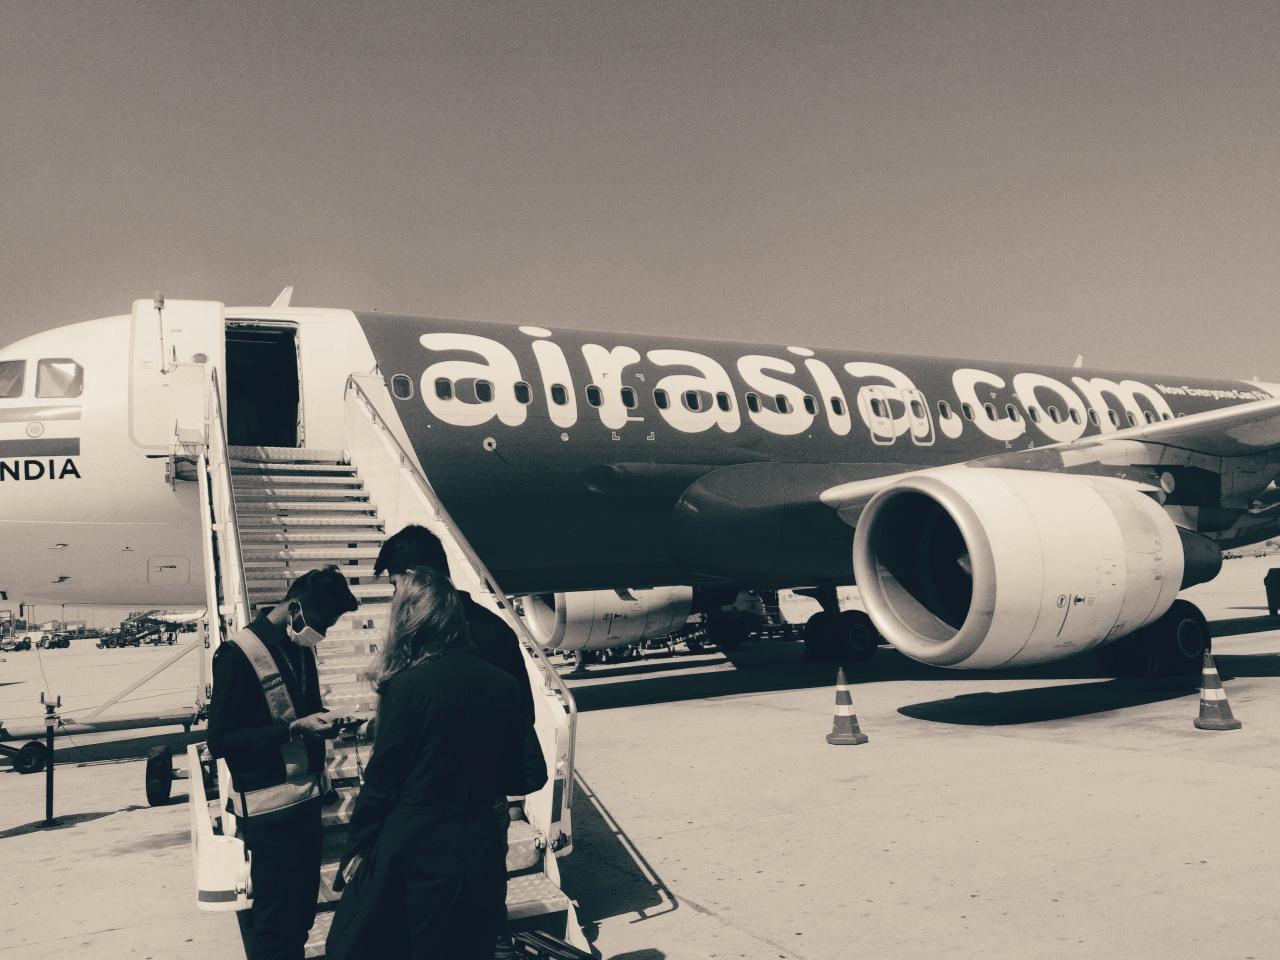 MY BANGLORE FLIGHT CHECKLIST2021